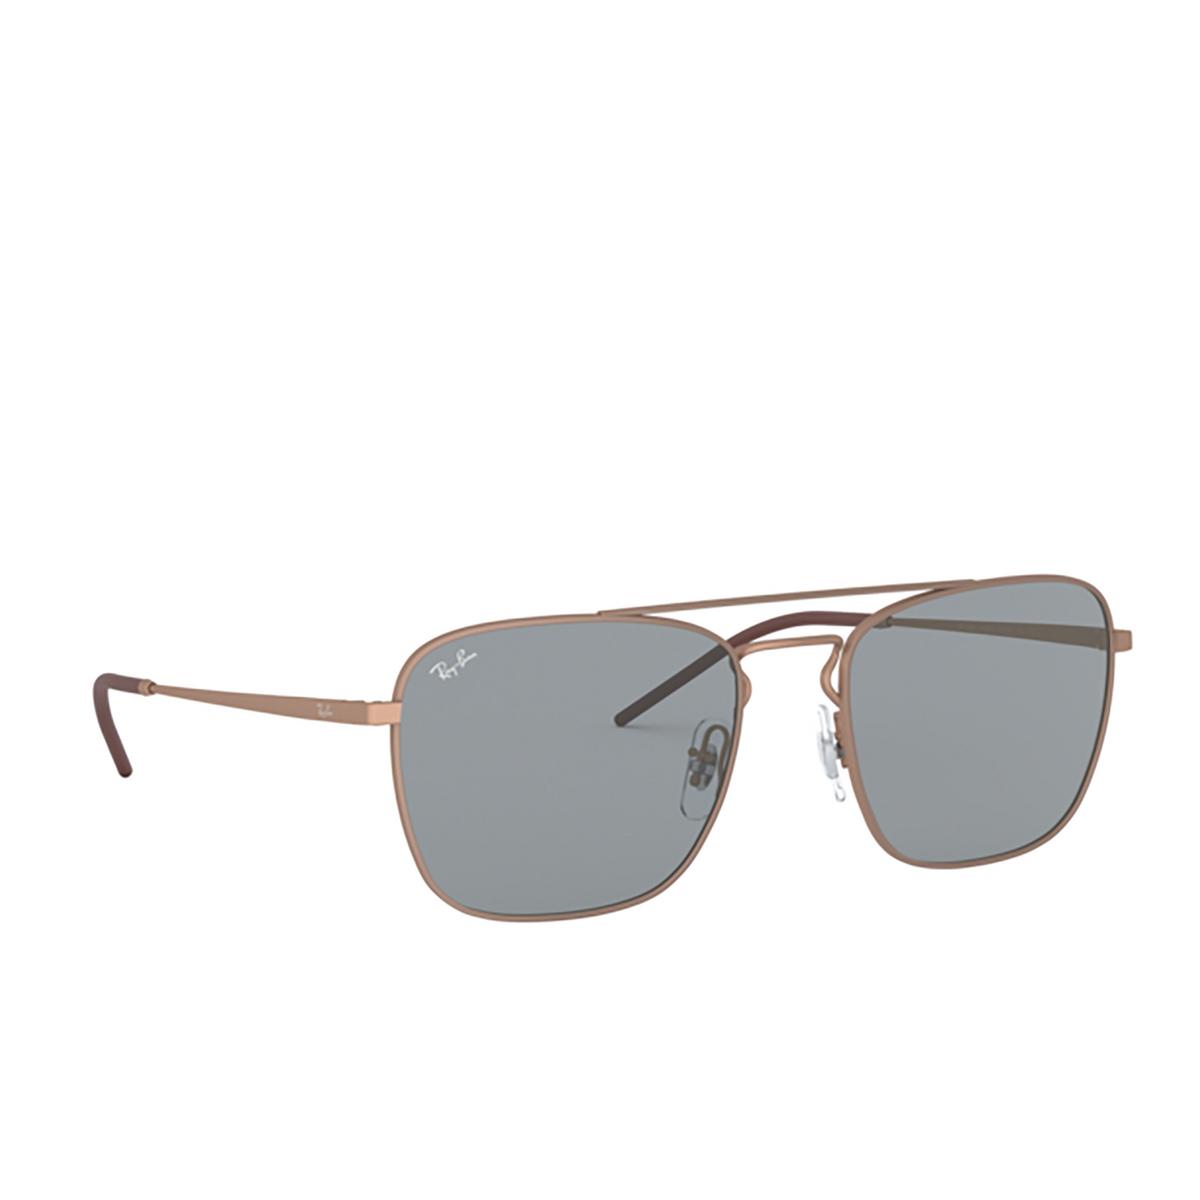 Ray-Ban® Square Sunglasses: RB3588 color Rubber Copper 9146/1 - 2/3.